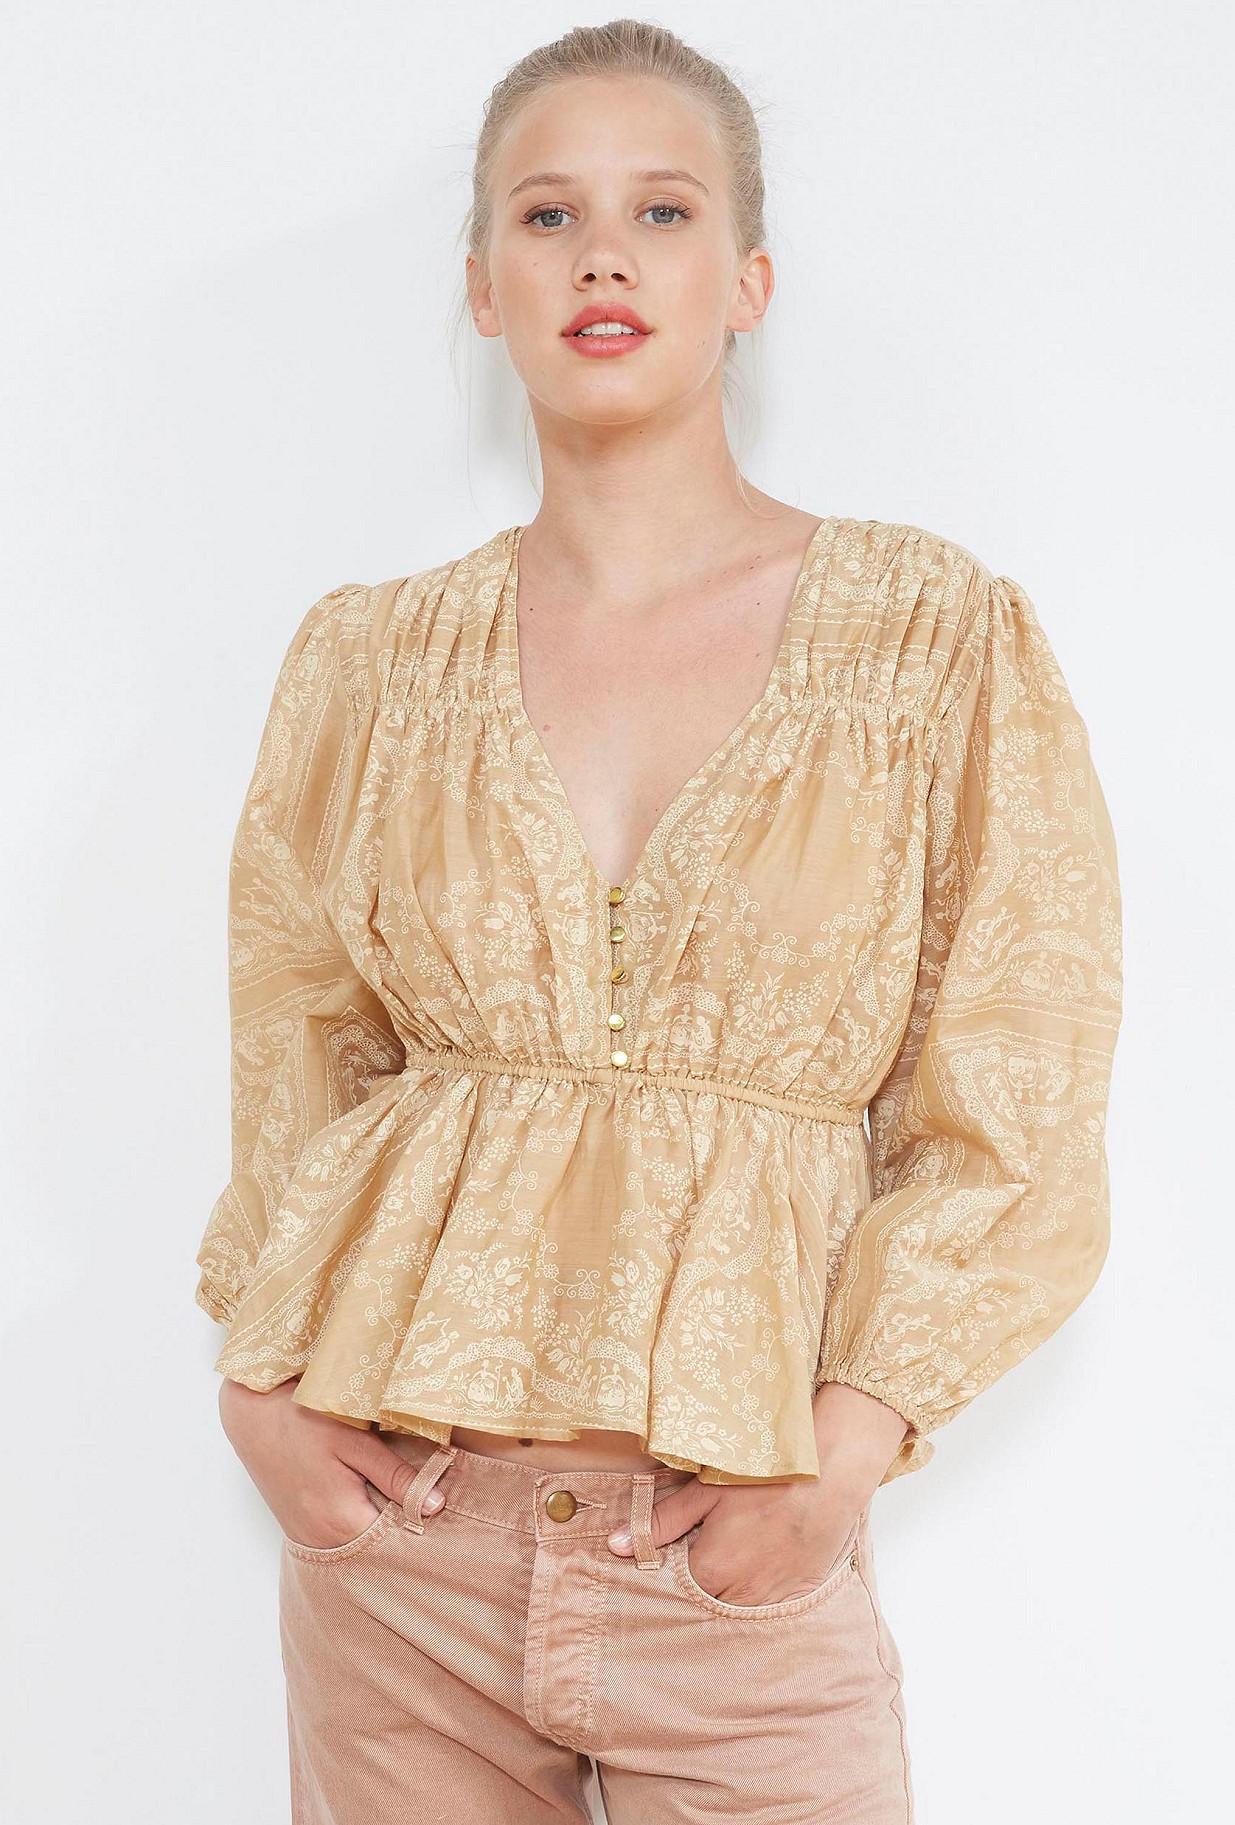 clothes store BLOUSE  Joy french designer fashion Paris